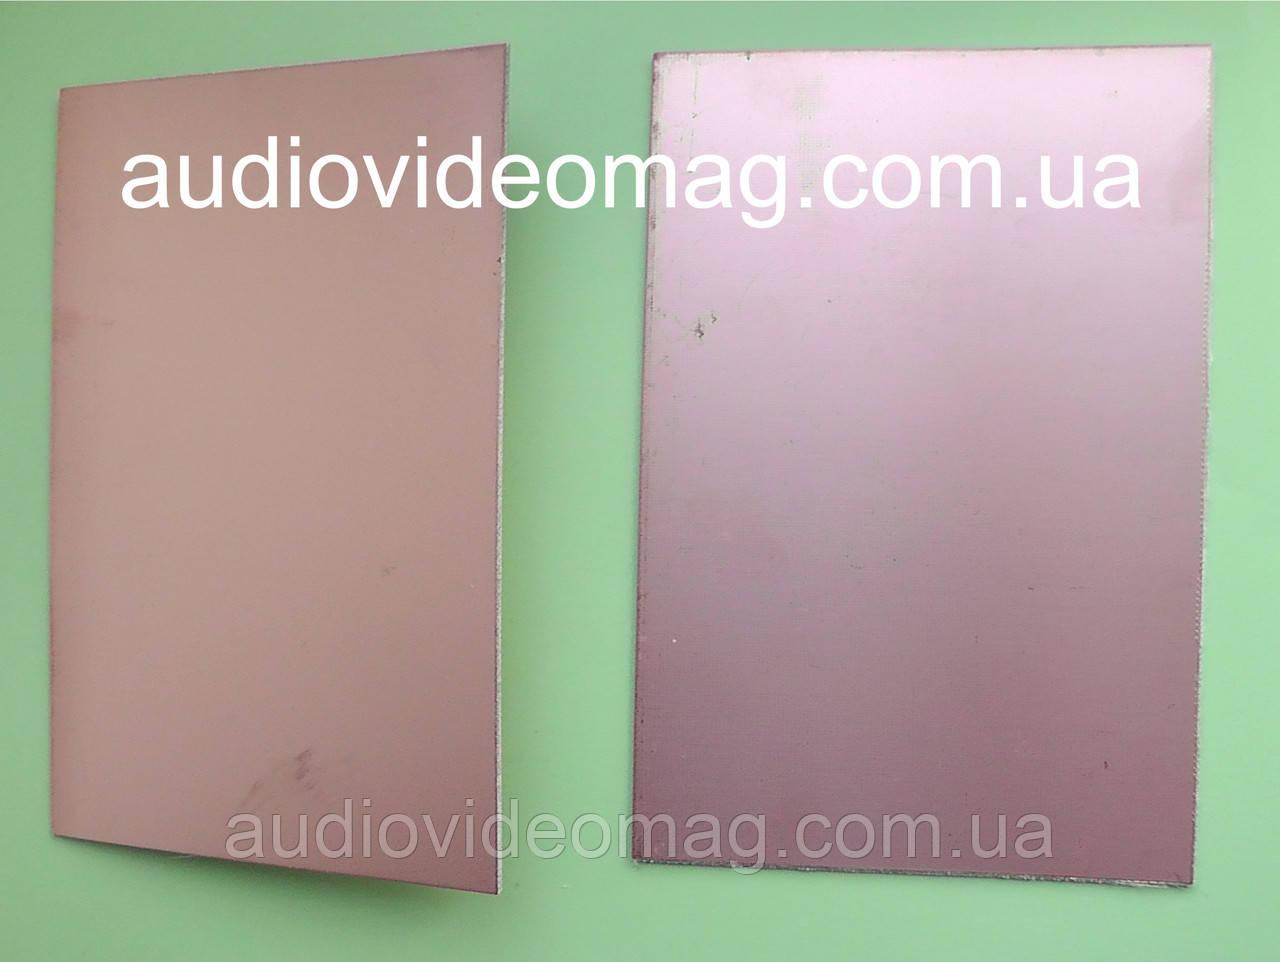 Текстоліт фольгований двосторонній, товщина: 1.5 мм, розмір 10 на 15 см